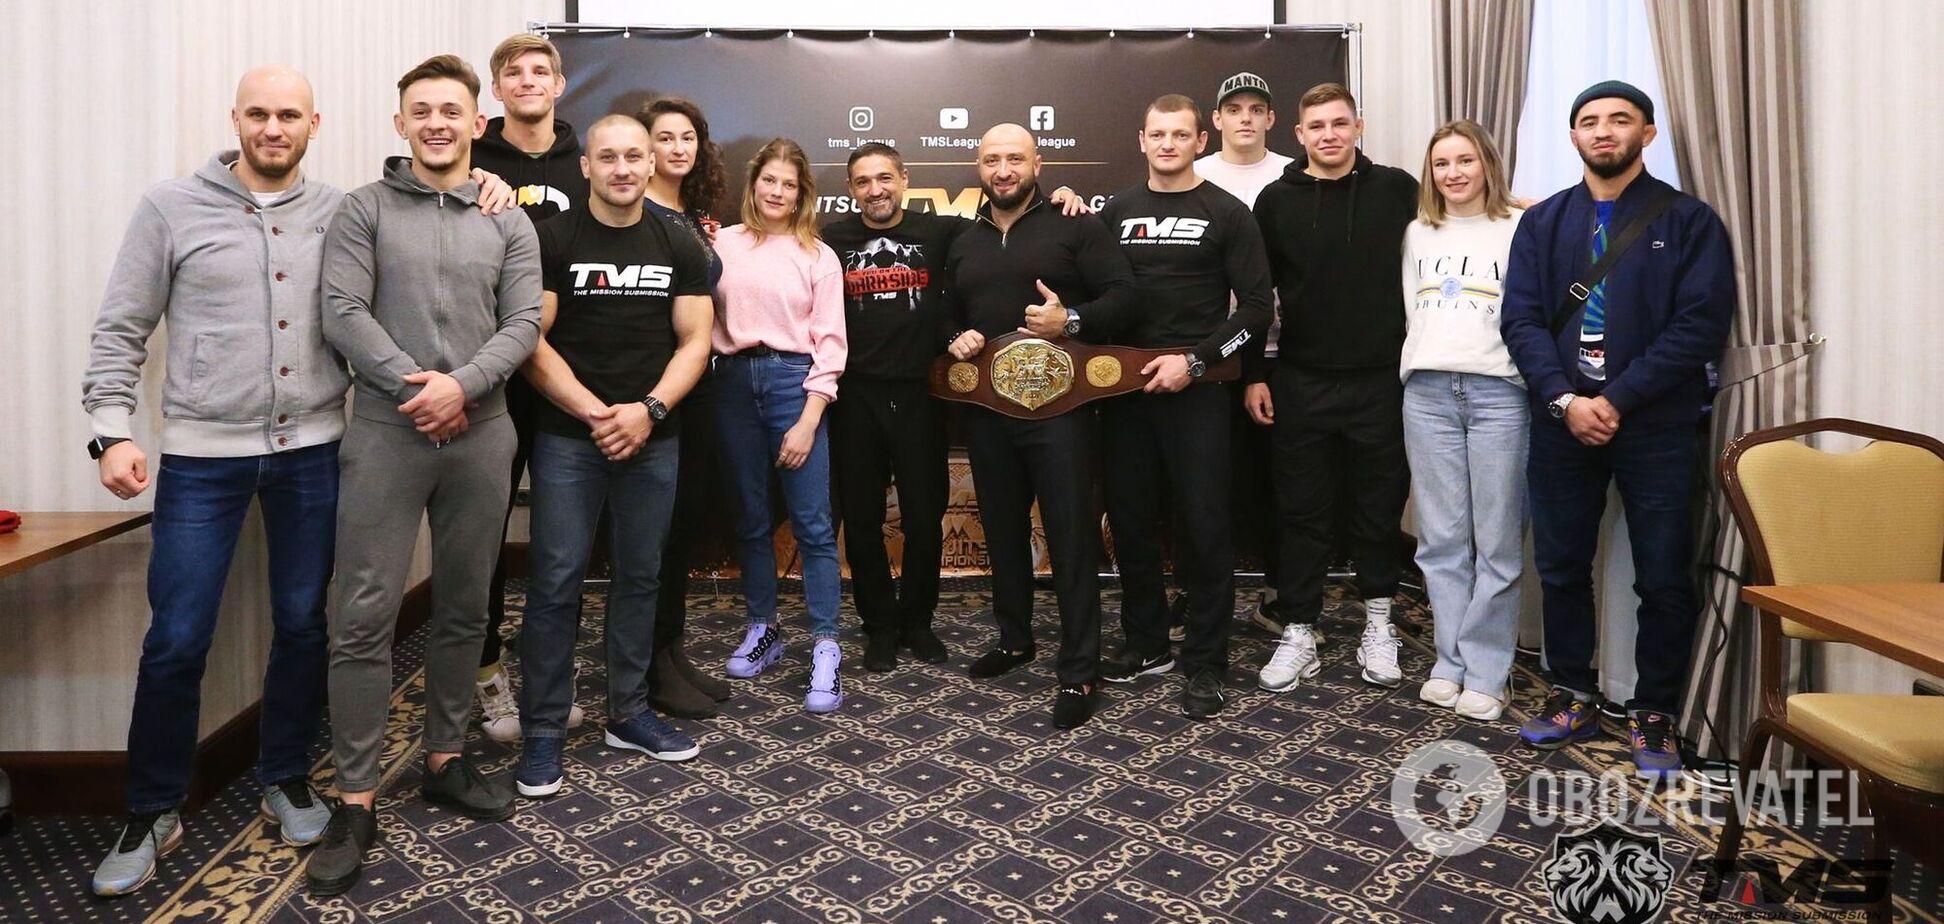 Битва за звання абсолютного чемпіона: Ліга TMS презентувала перший чемпіонський пояс